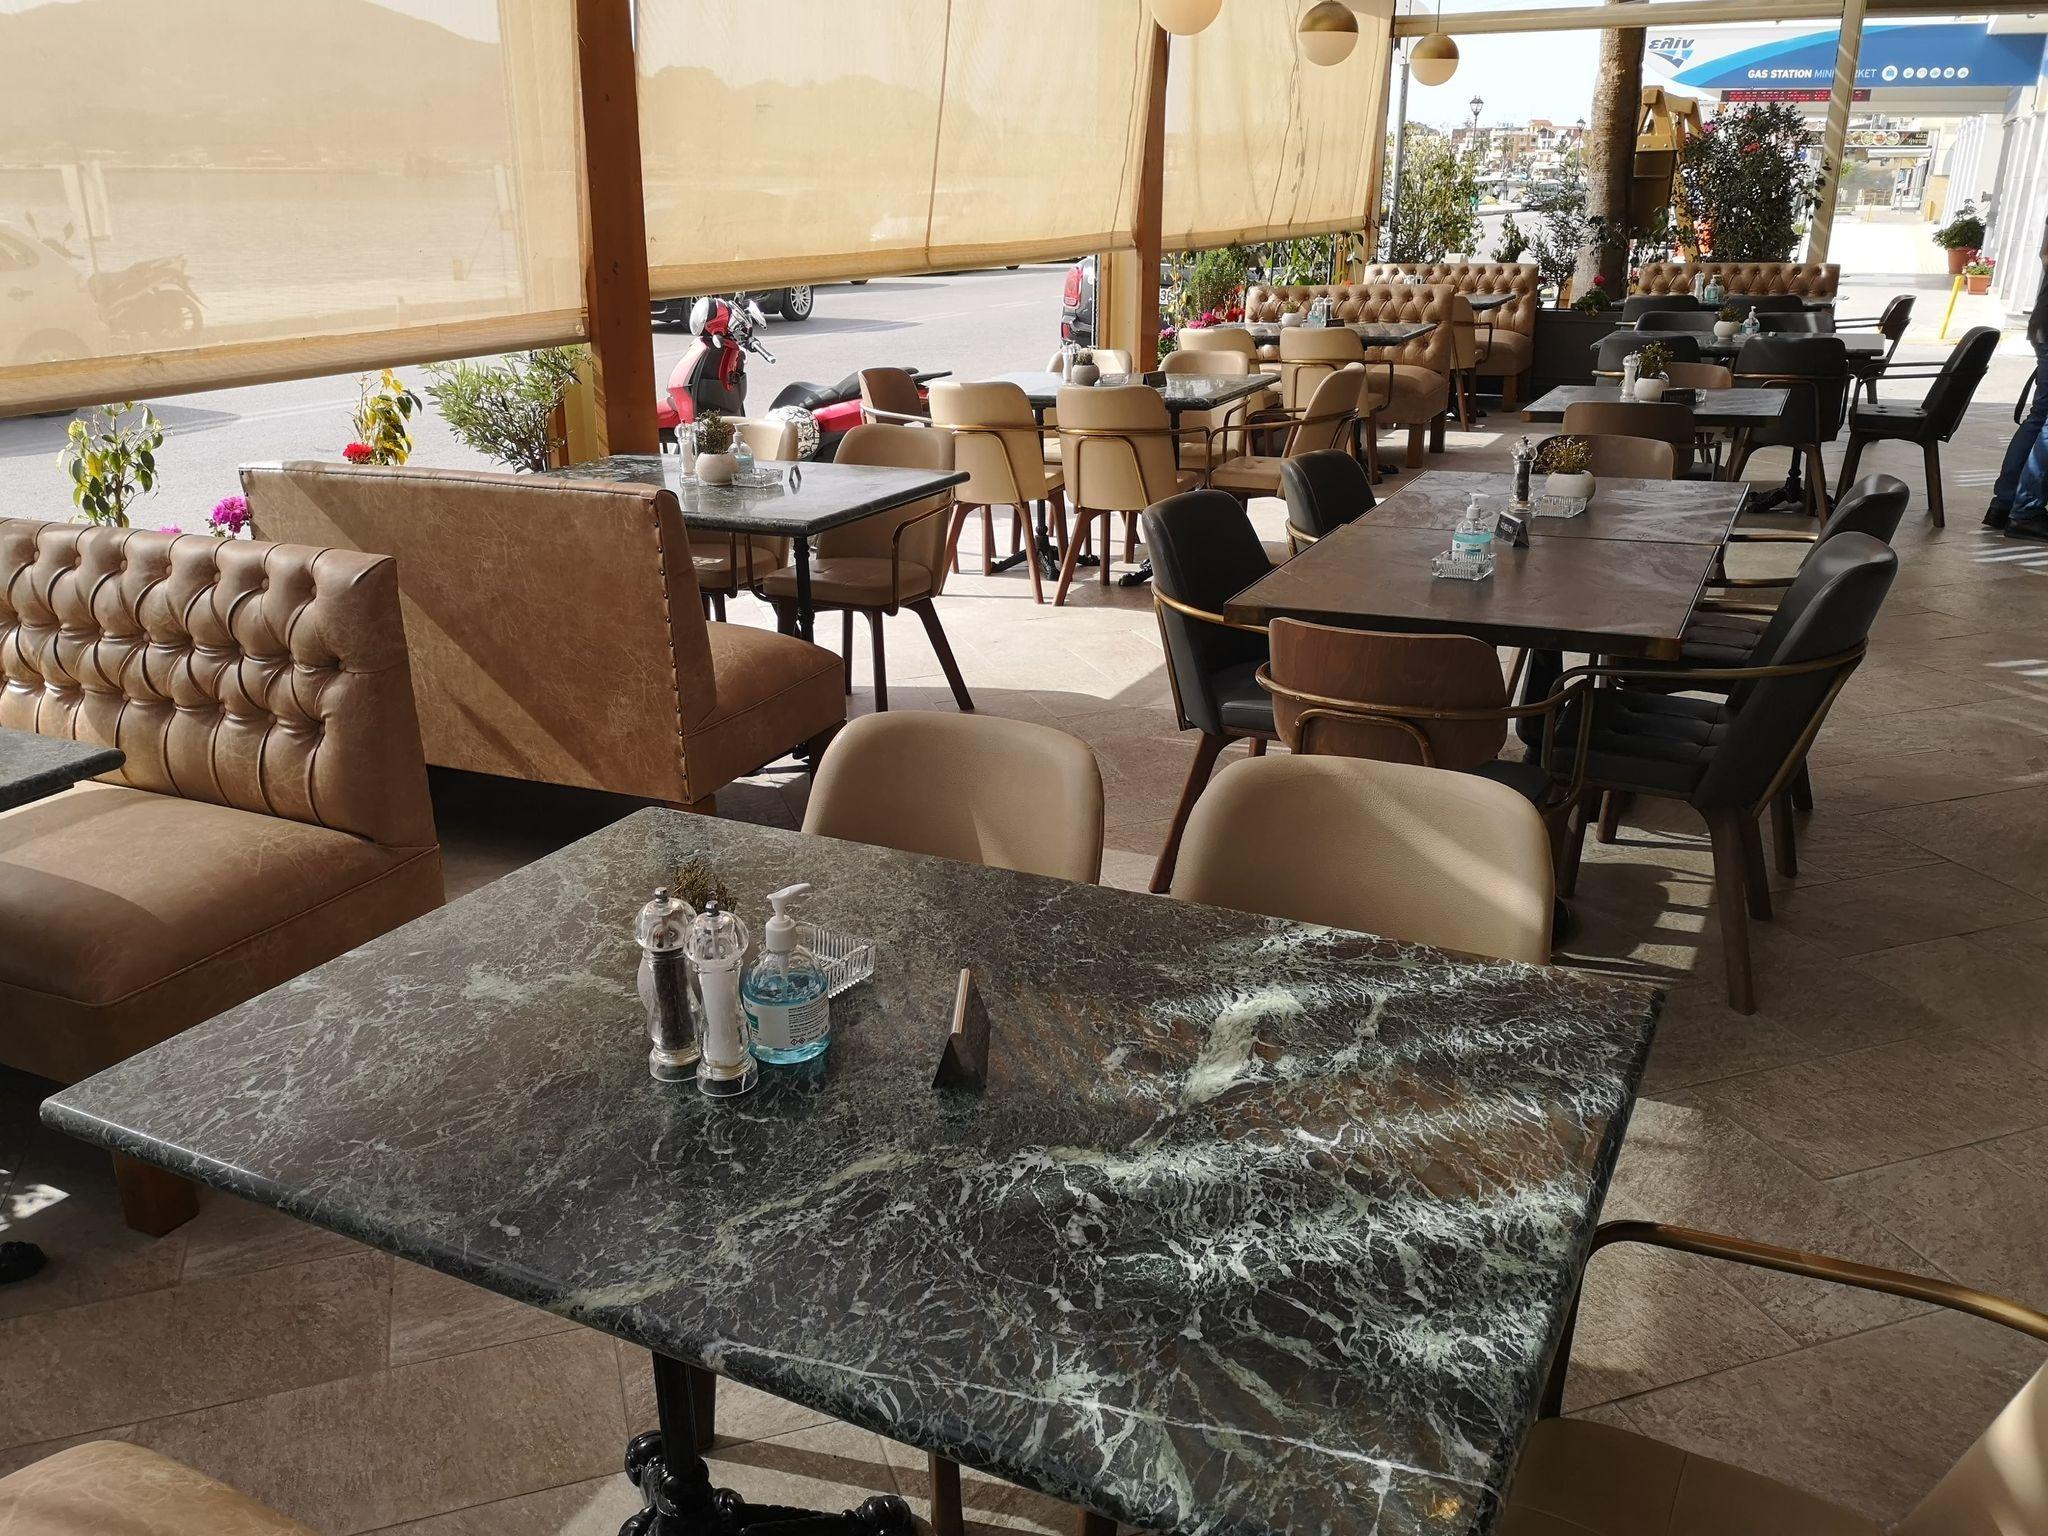 Ζάκυνθος: Έτσι άνοιξαν εστιατόρια και καφετέριες – Τι ενοχλεί τους ιδιοκτήτες (pic)